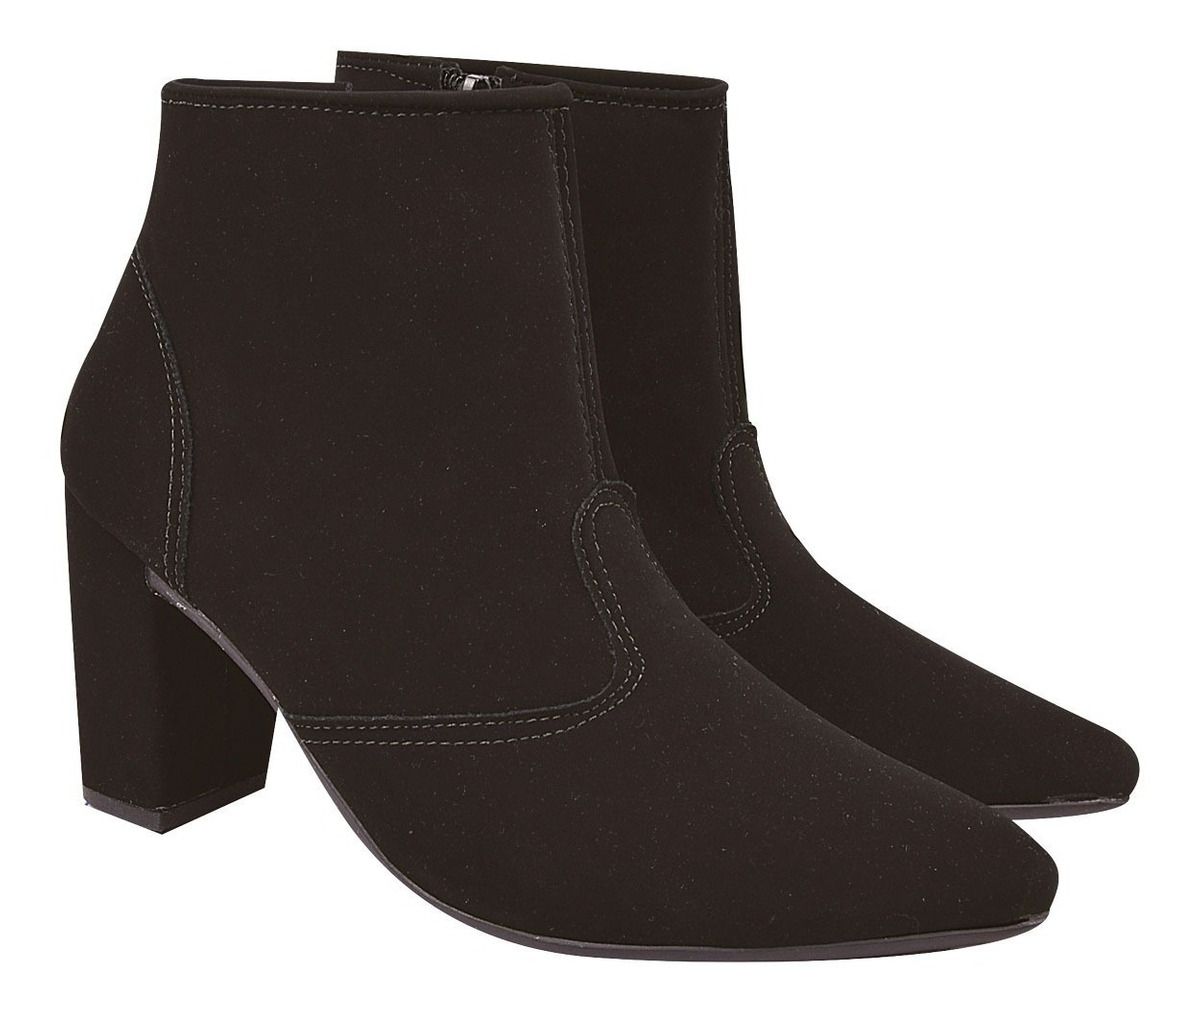 935b509e76 coturno bota feminina cano curto bico fino salto alto 2019-1. Carregando  zoom.